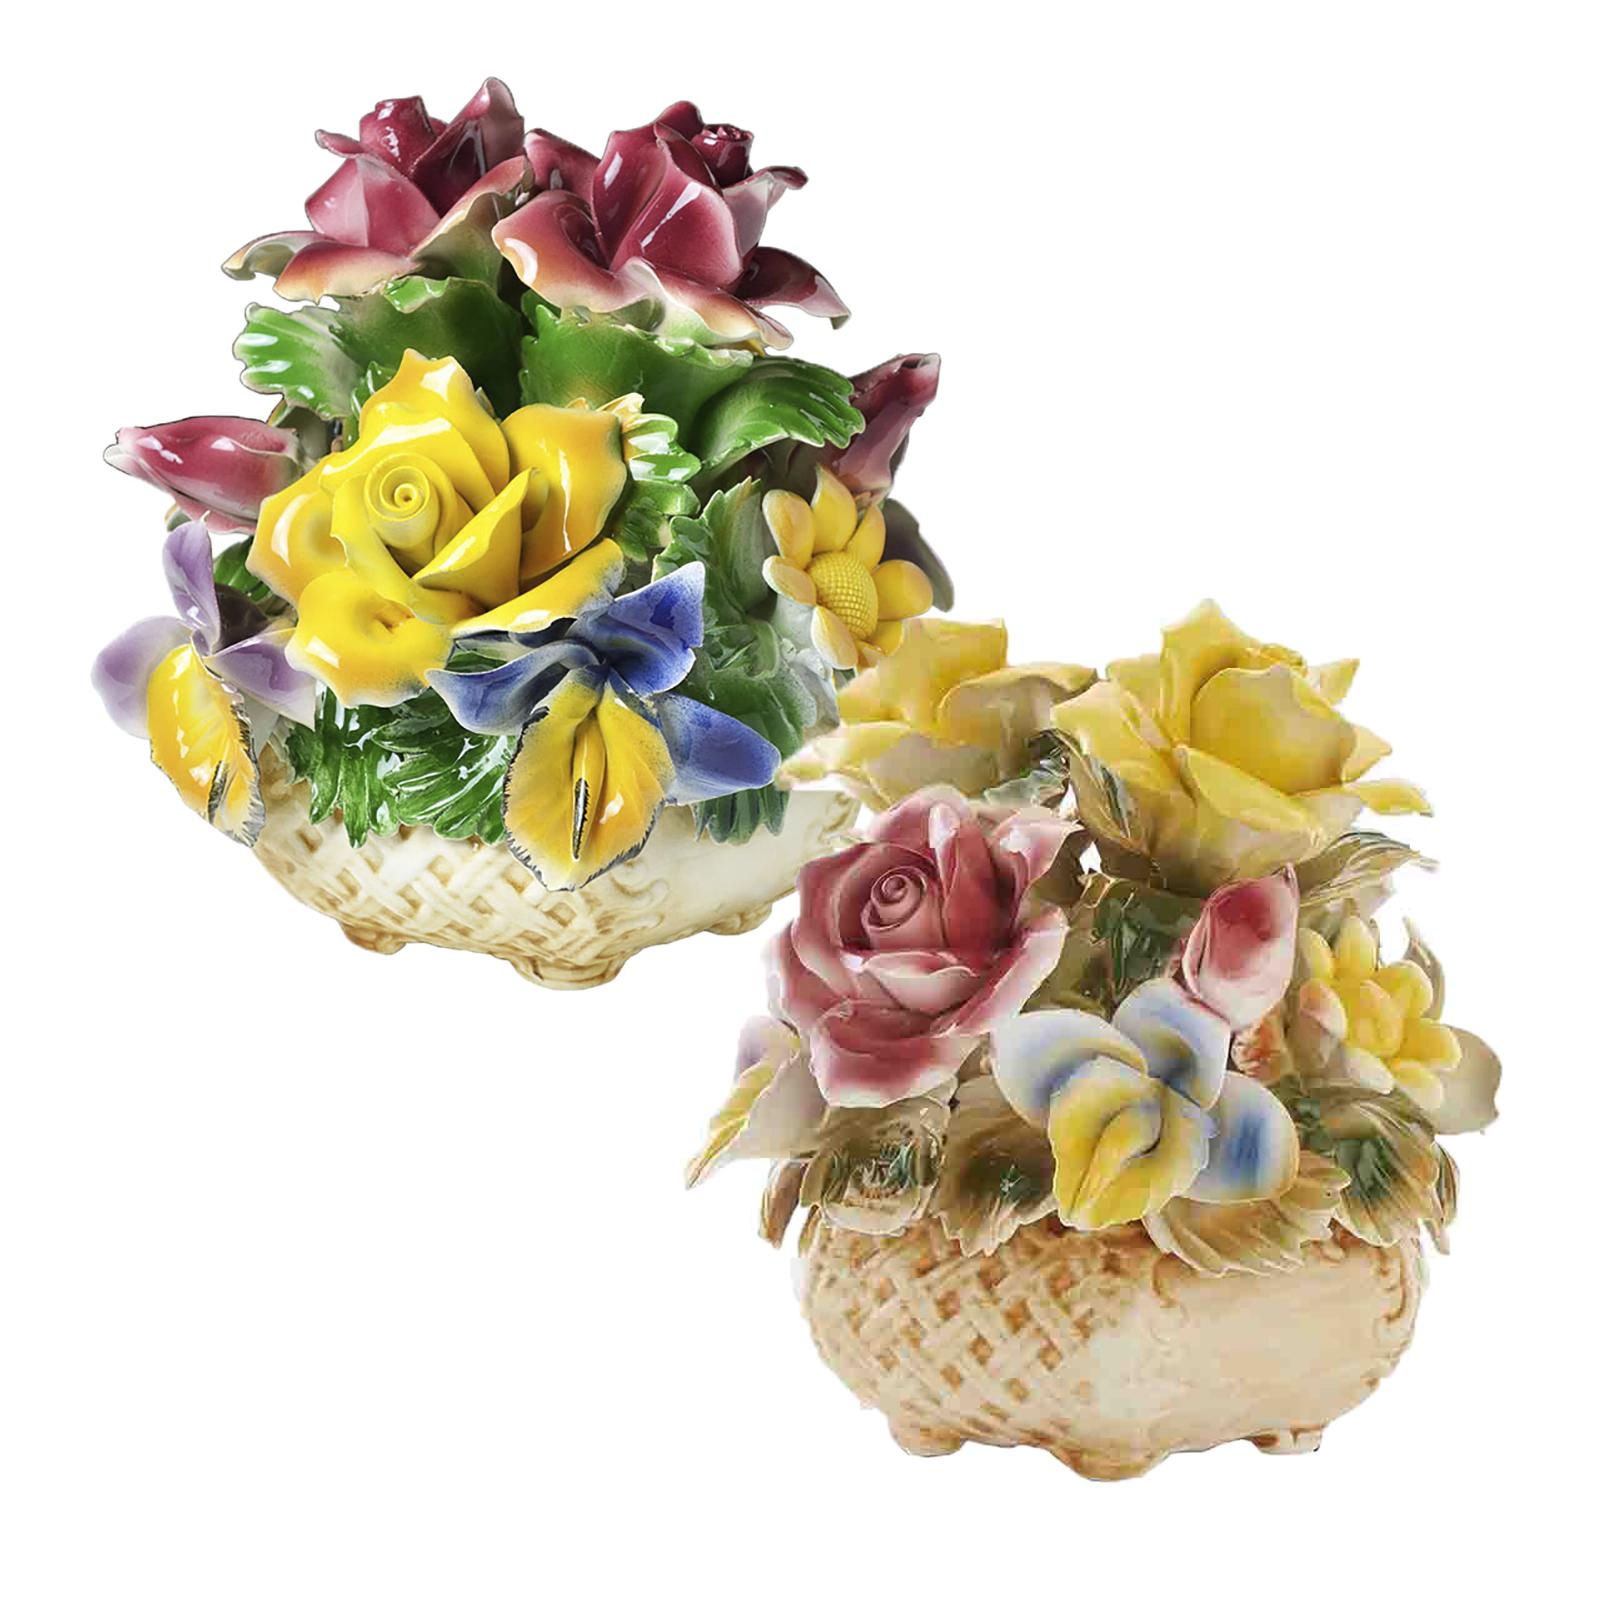 ☆大創業祭☆イタリア製陶花 ※全2種類よりお選びください